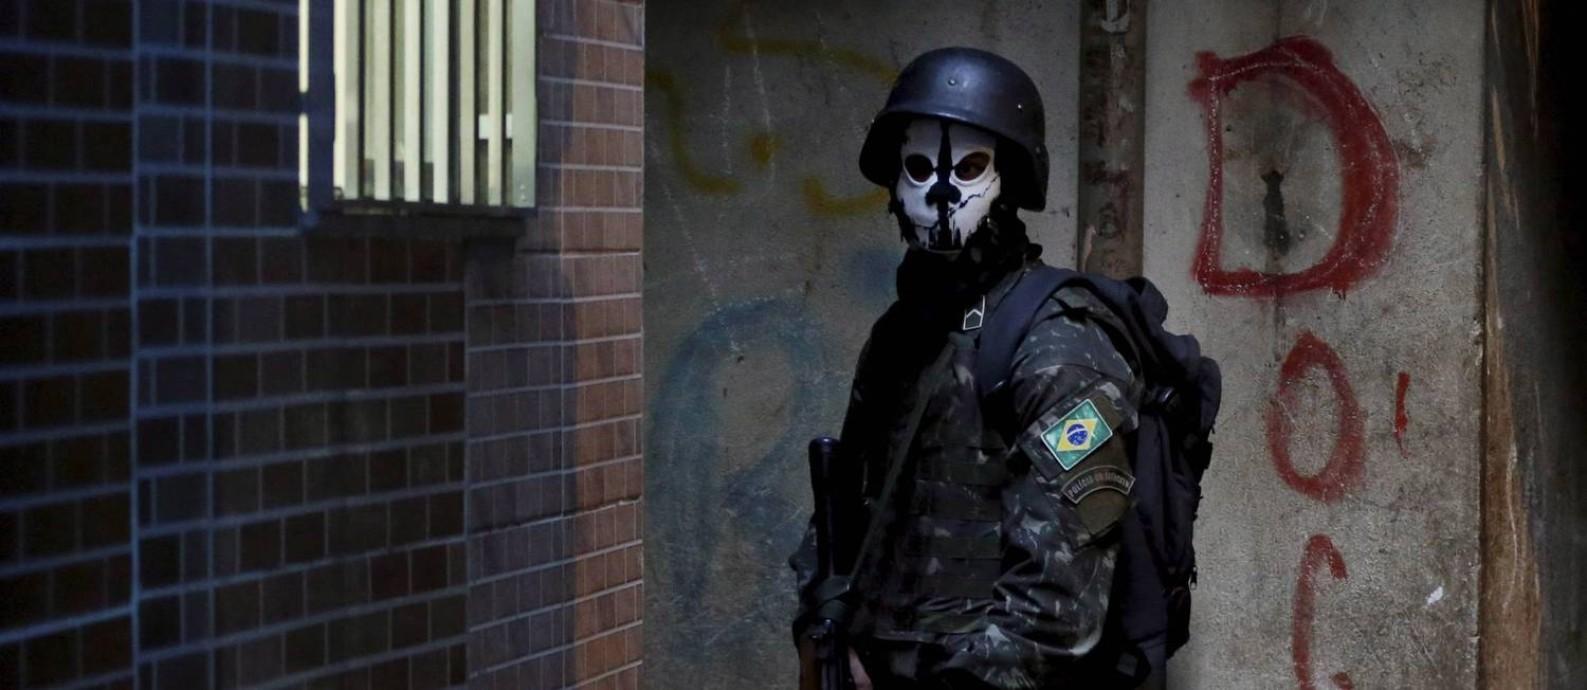 Autores de romances policiais contam como 'concorrem' com o cotidiano violento no Brasil Foto: Domingos Peixoto / Agência O Globo